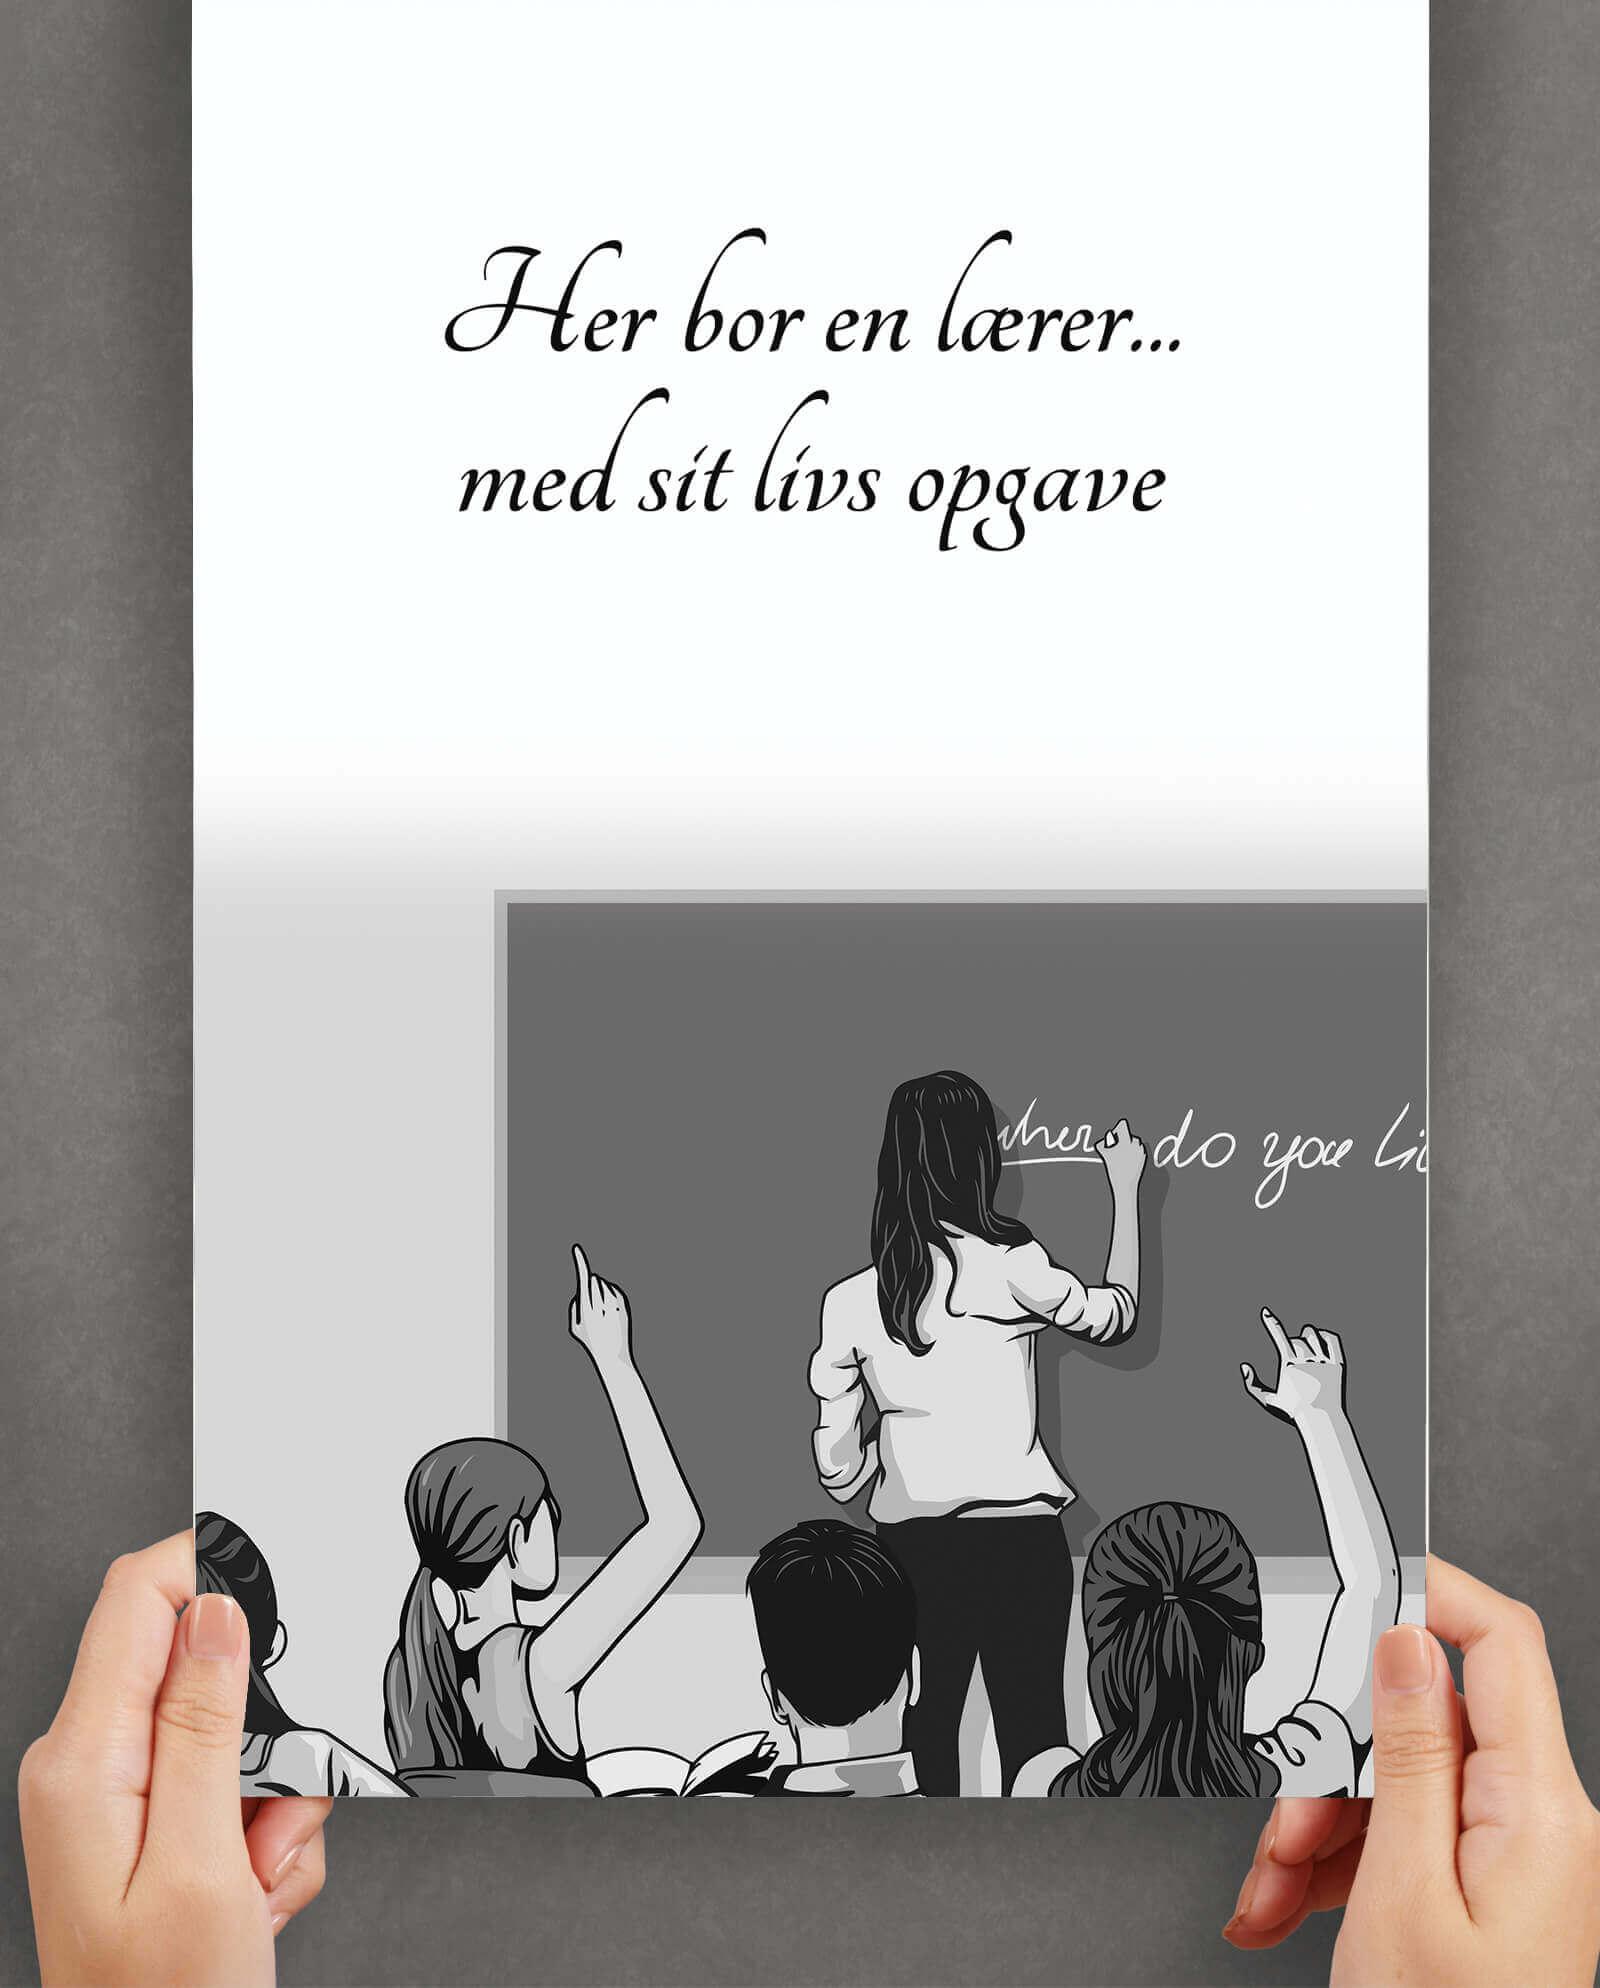 laerer-arbejde-plakat